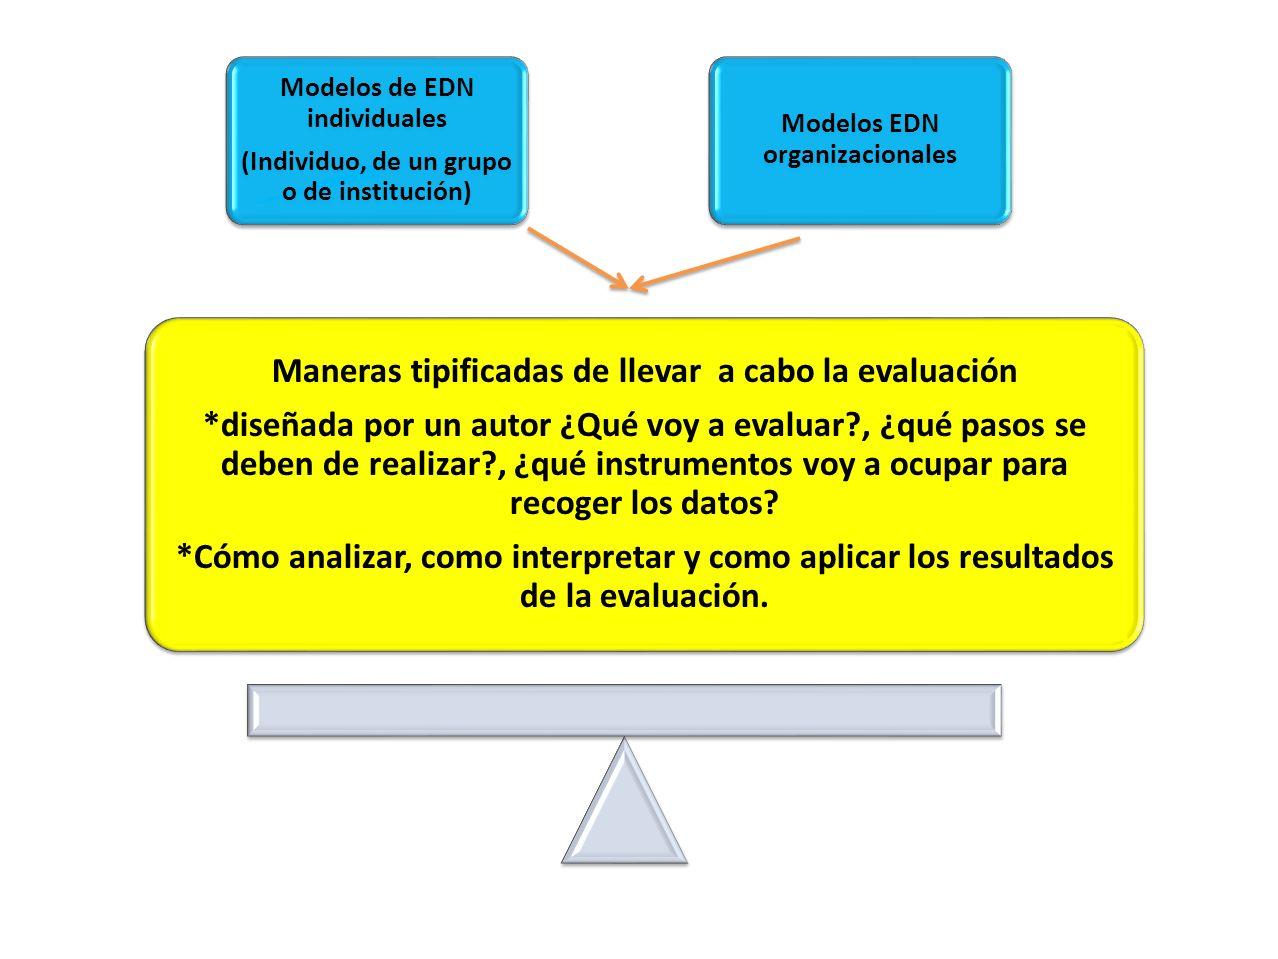 Maneras tipificadas de llevar a cabo la evaluación